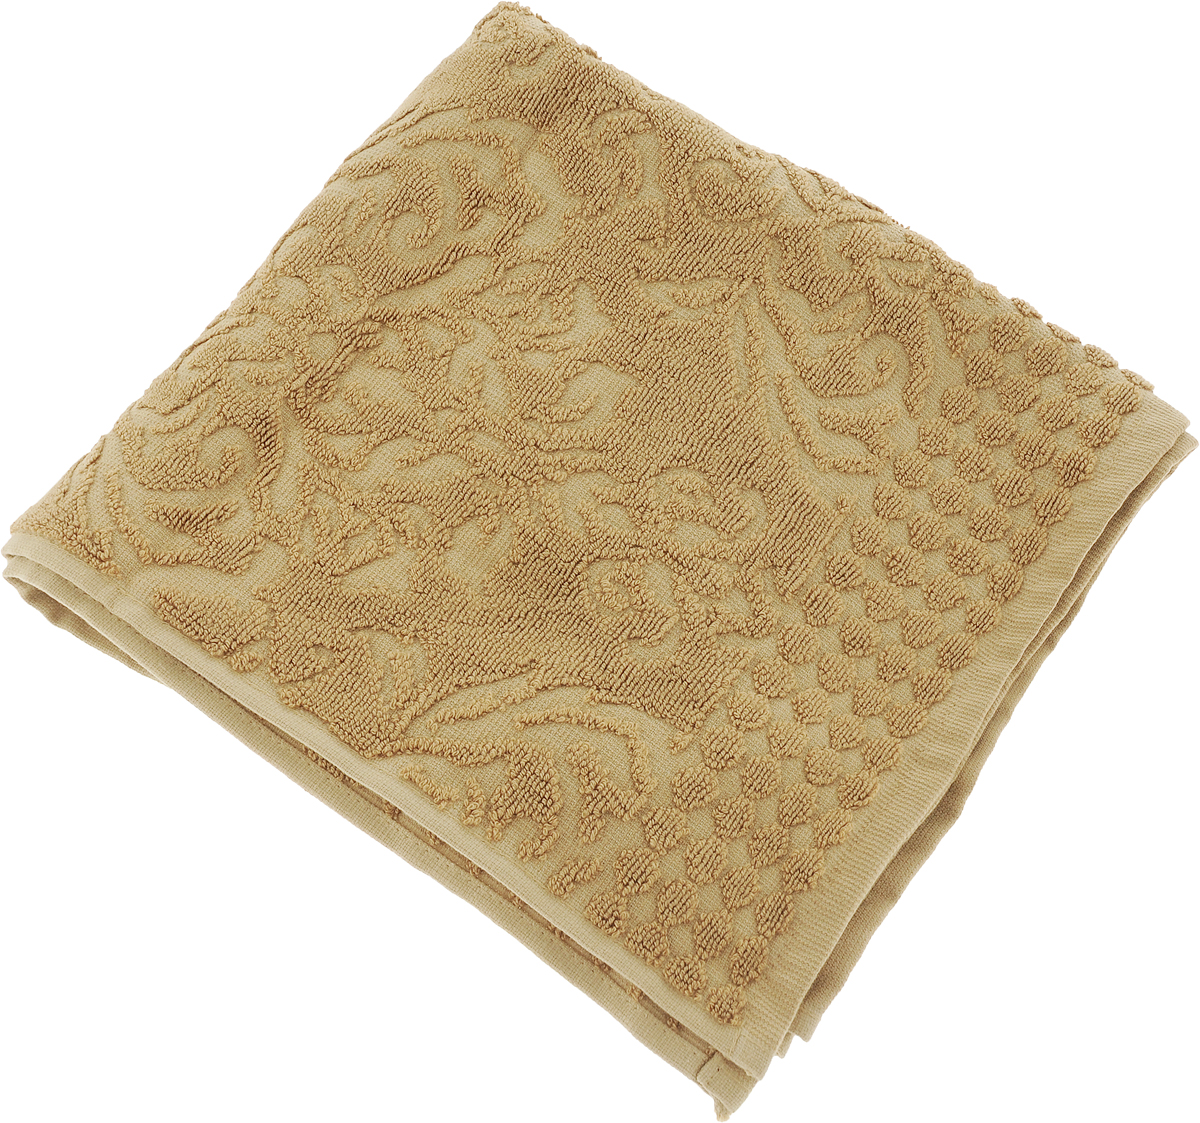 Полотенце Arya Flavia, цвет: горчичный, 50 x 90 смTR1002625_ГорчичныйПолотенце Arya Flavia выполнено из бамбука. Изделие отлично впитывает влагу, быстро сохнет, сохраняет яркость цвета и не теряет форму даже после многократных стирок. Такое полотенце очень практично и неприхотливо в уходе. Оно создаст прекрасное настроение и украсит интерьер в ванной комнате.